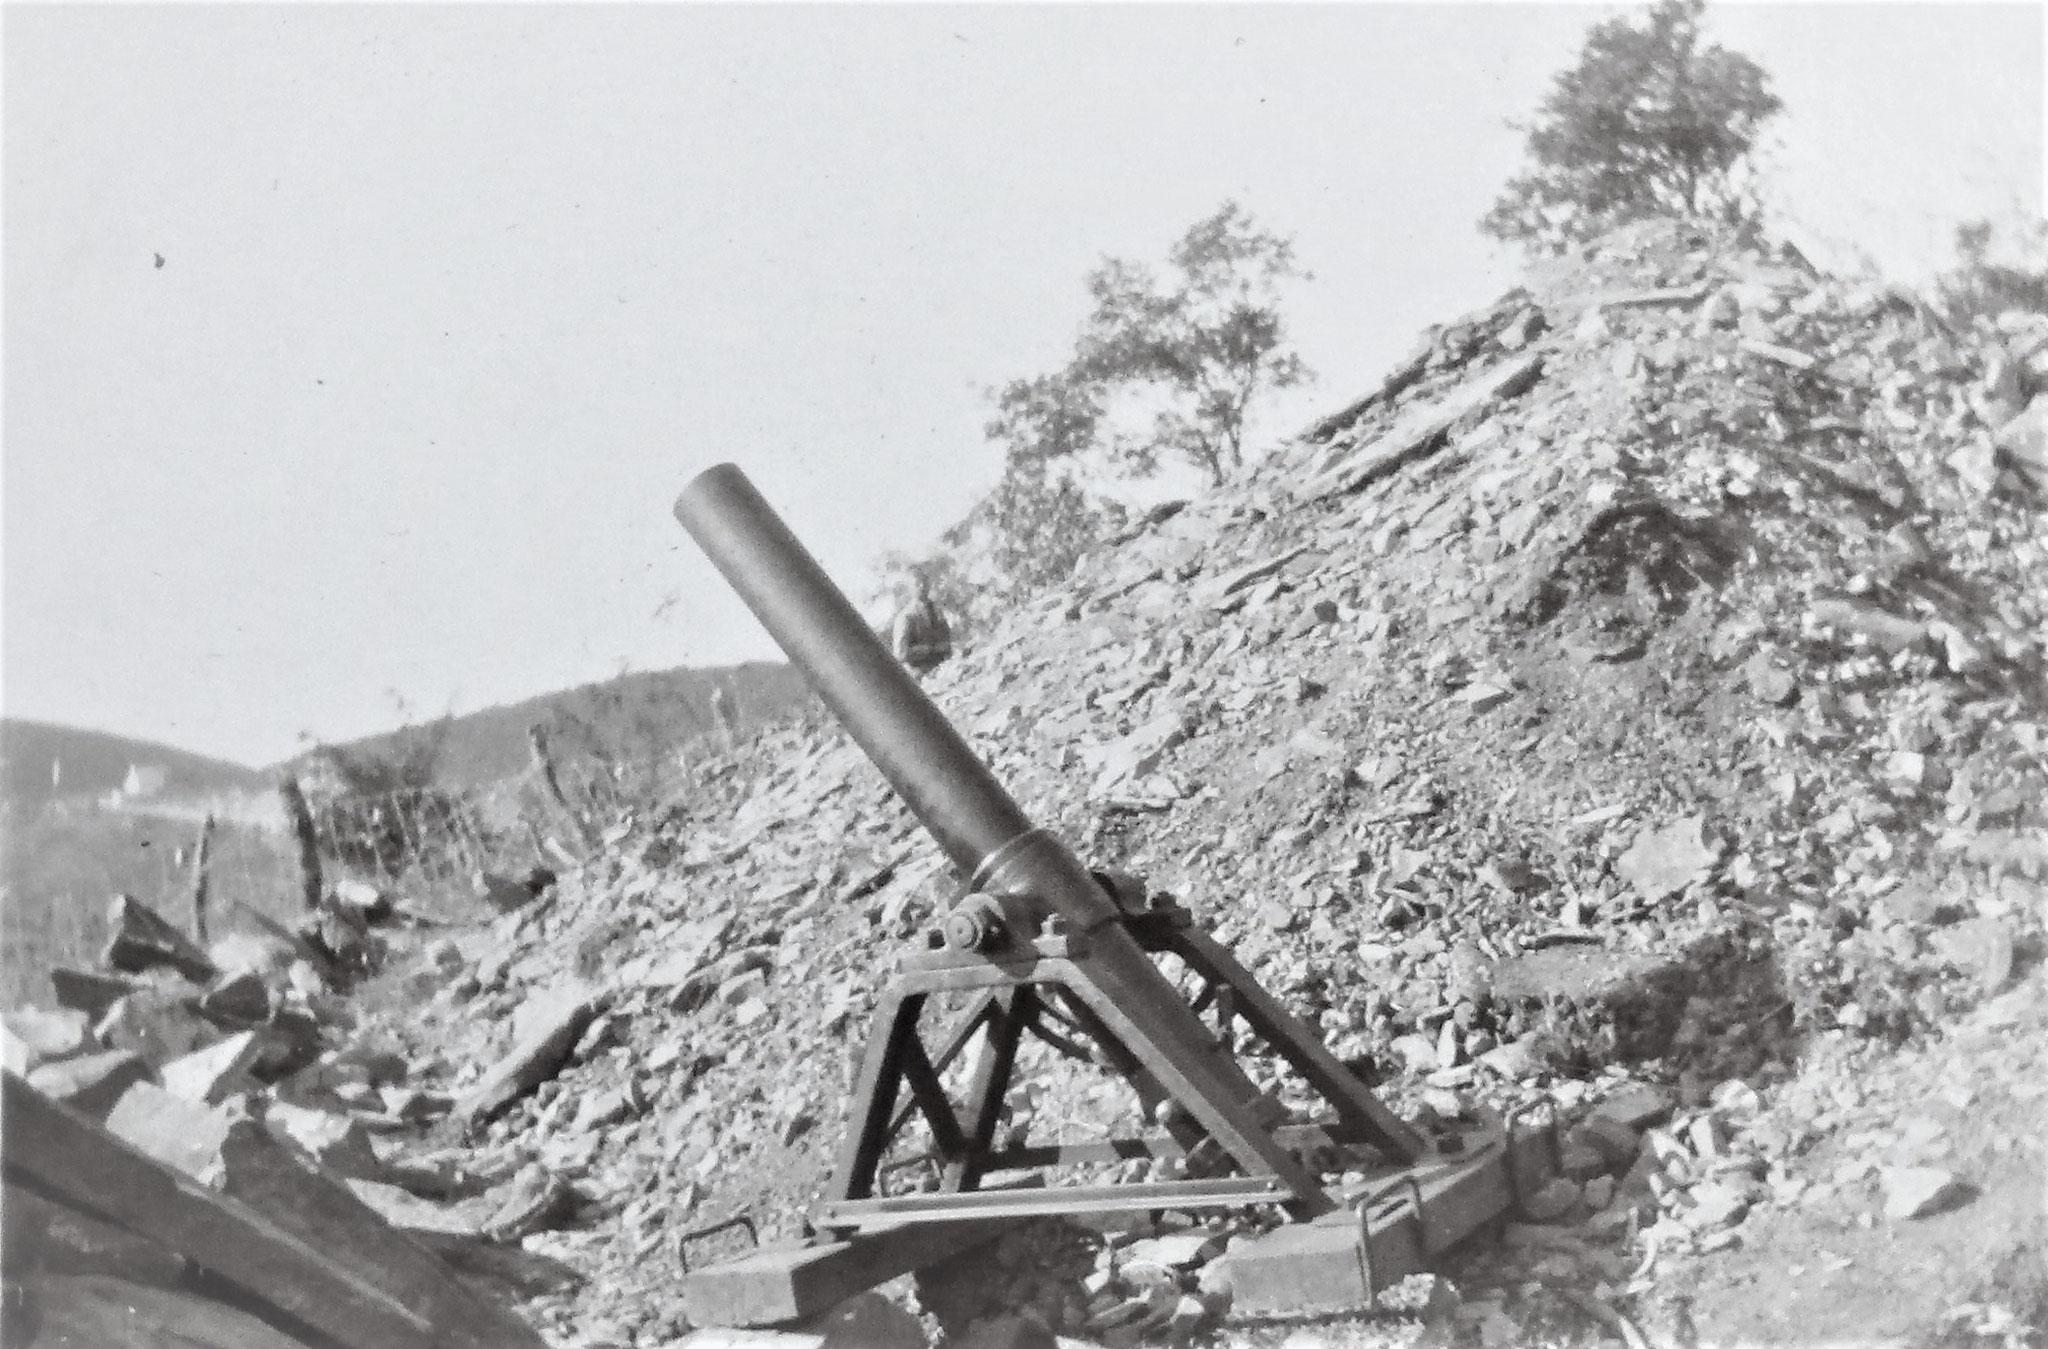 9 cm Minenwerfer primitivster Konstruktion.